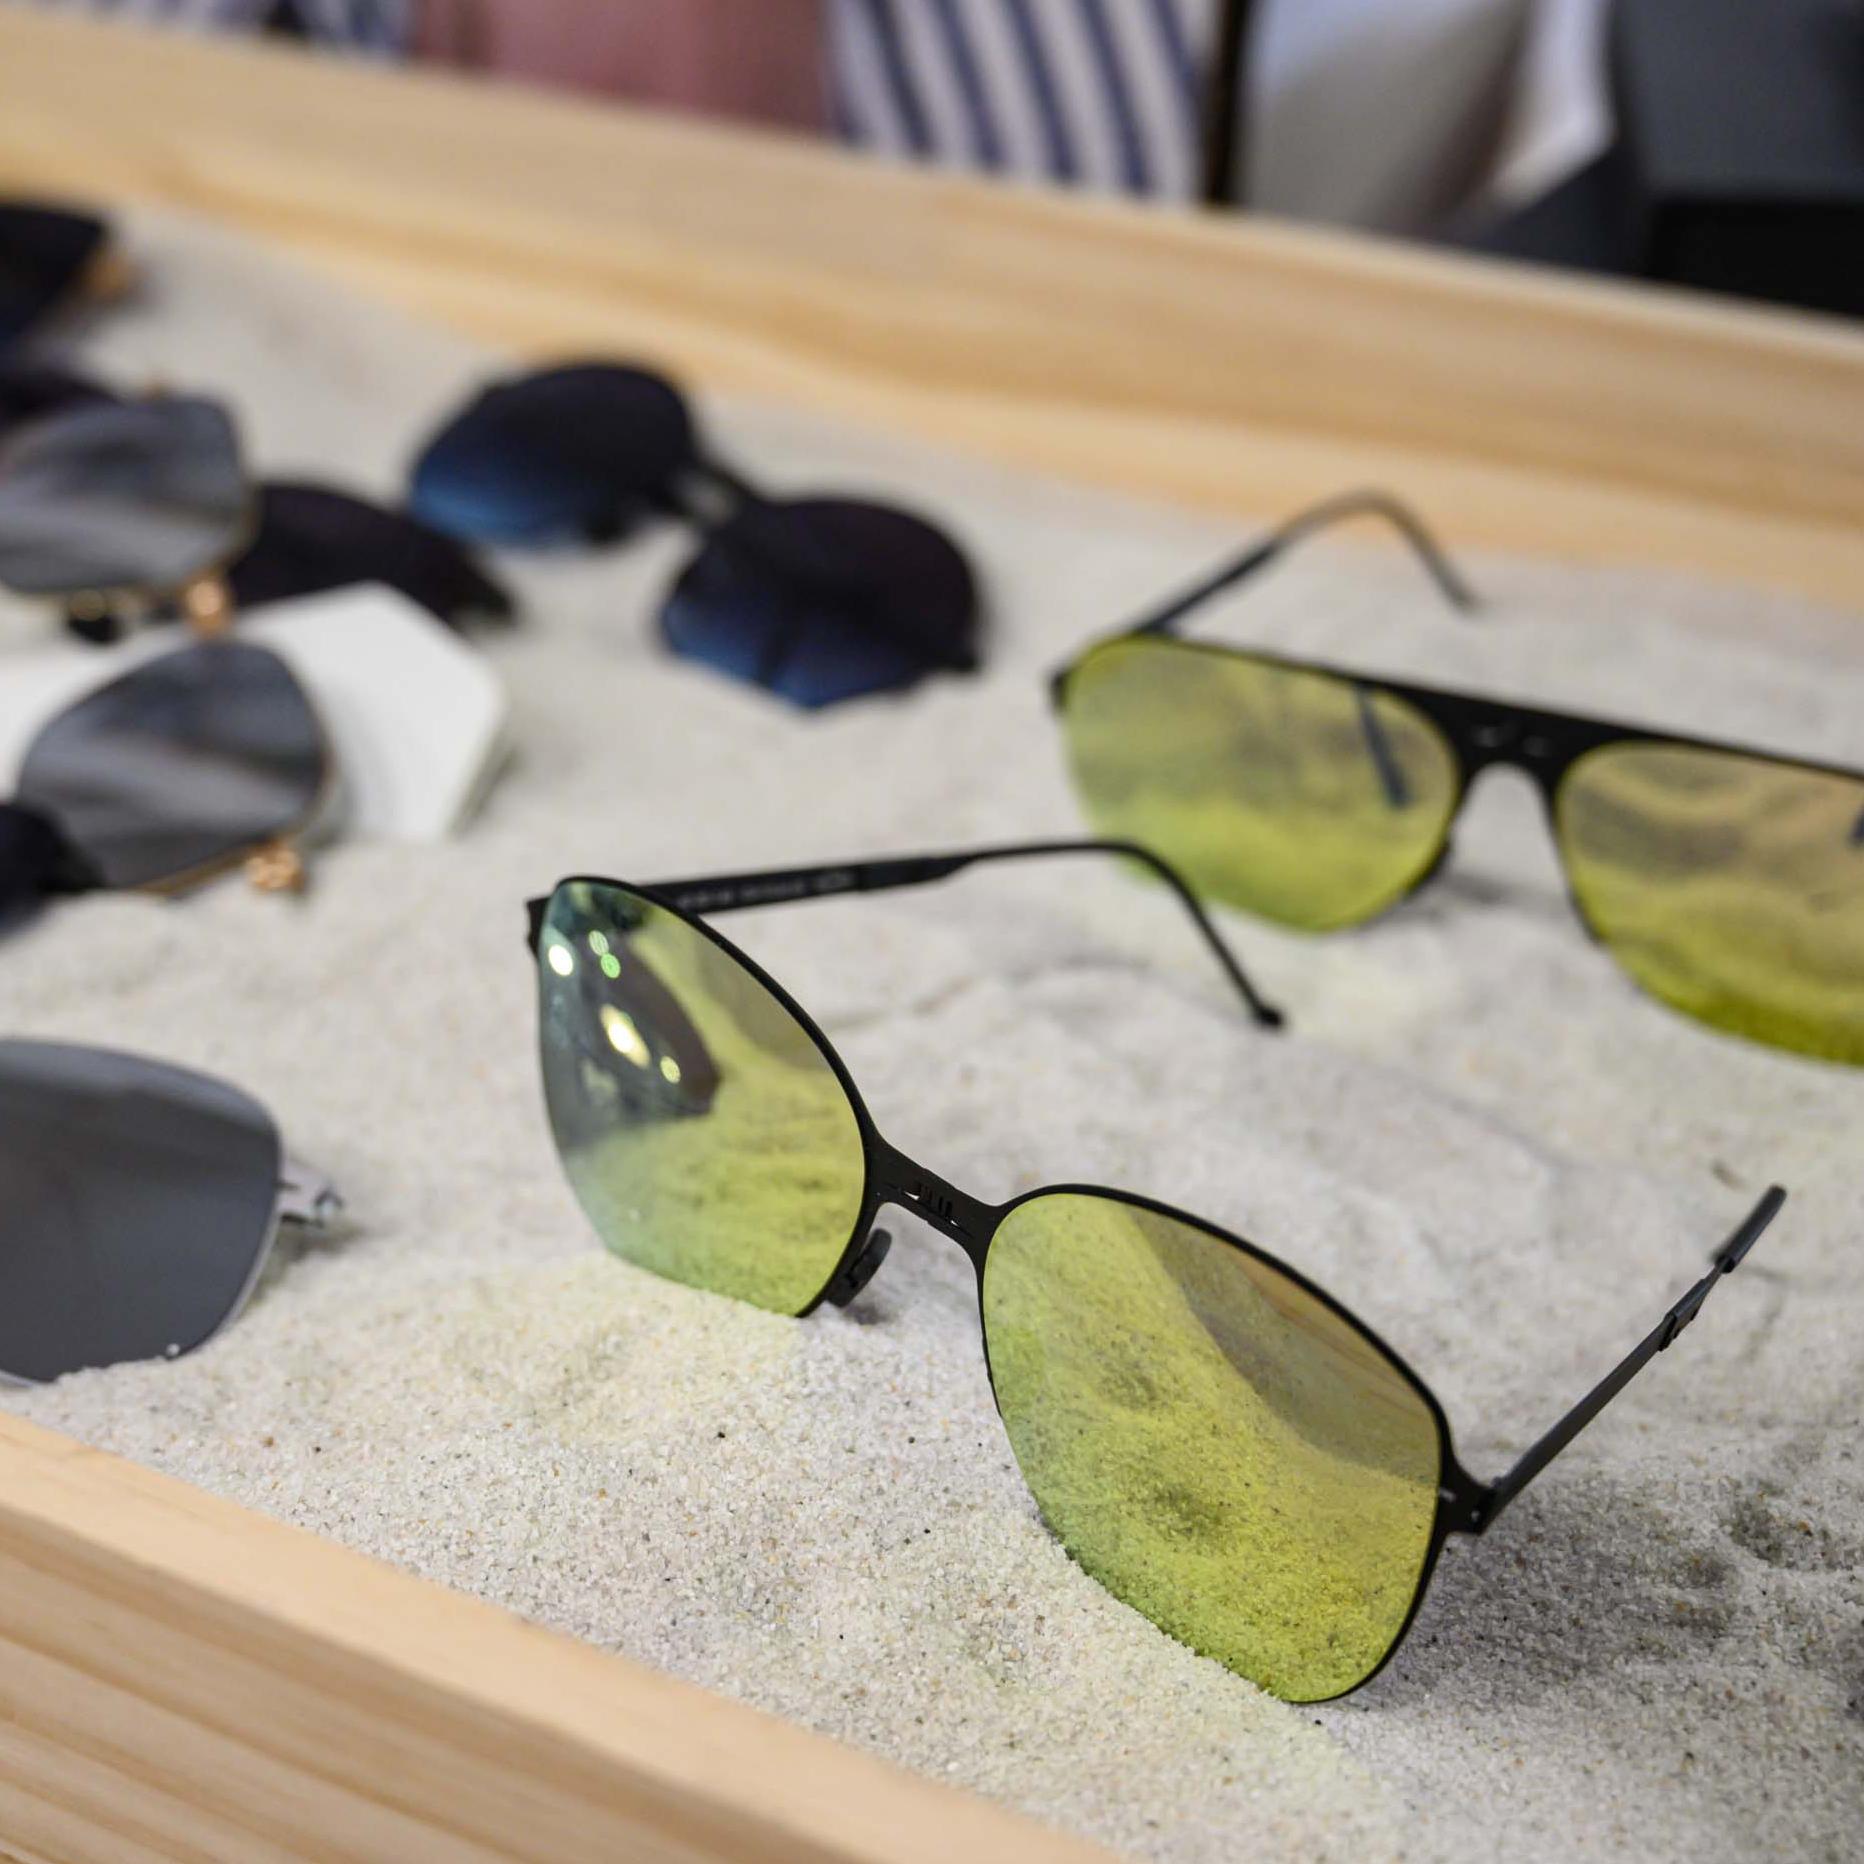 時尚折疊太陽眼鏡 ROAV 2019 年春夏系列輕薄登場